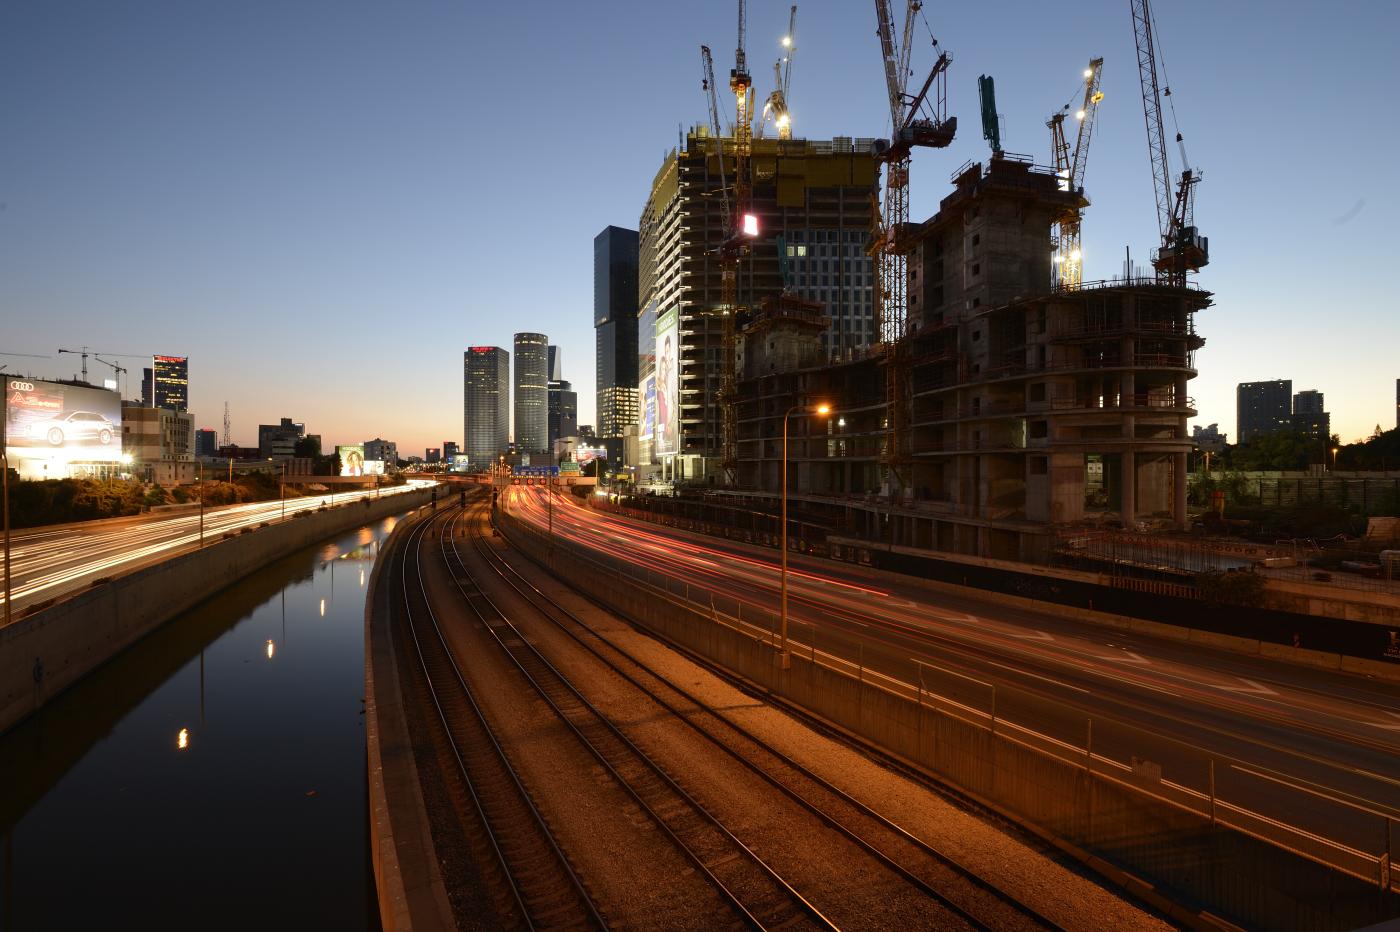 מבט דרומה מגשר על פרשת דרכים \ צילום: יונתן בלום